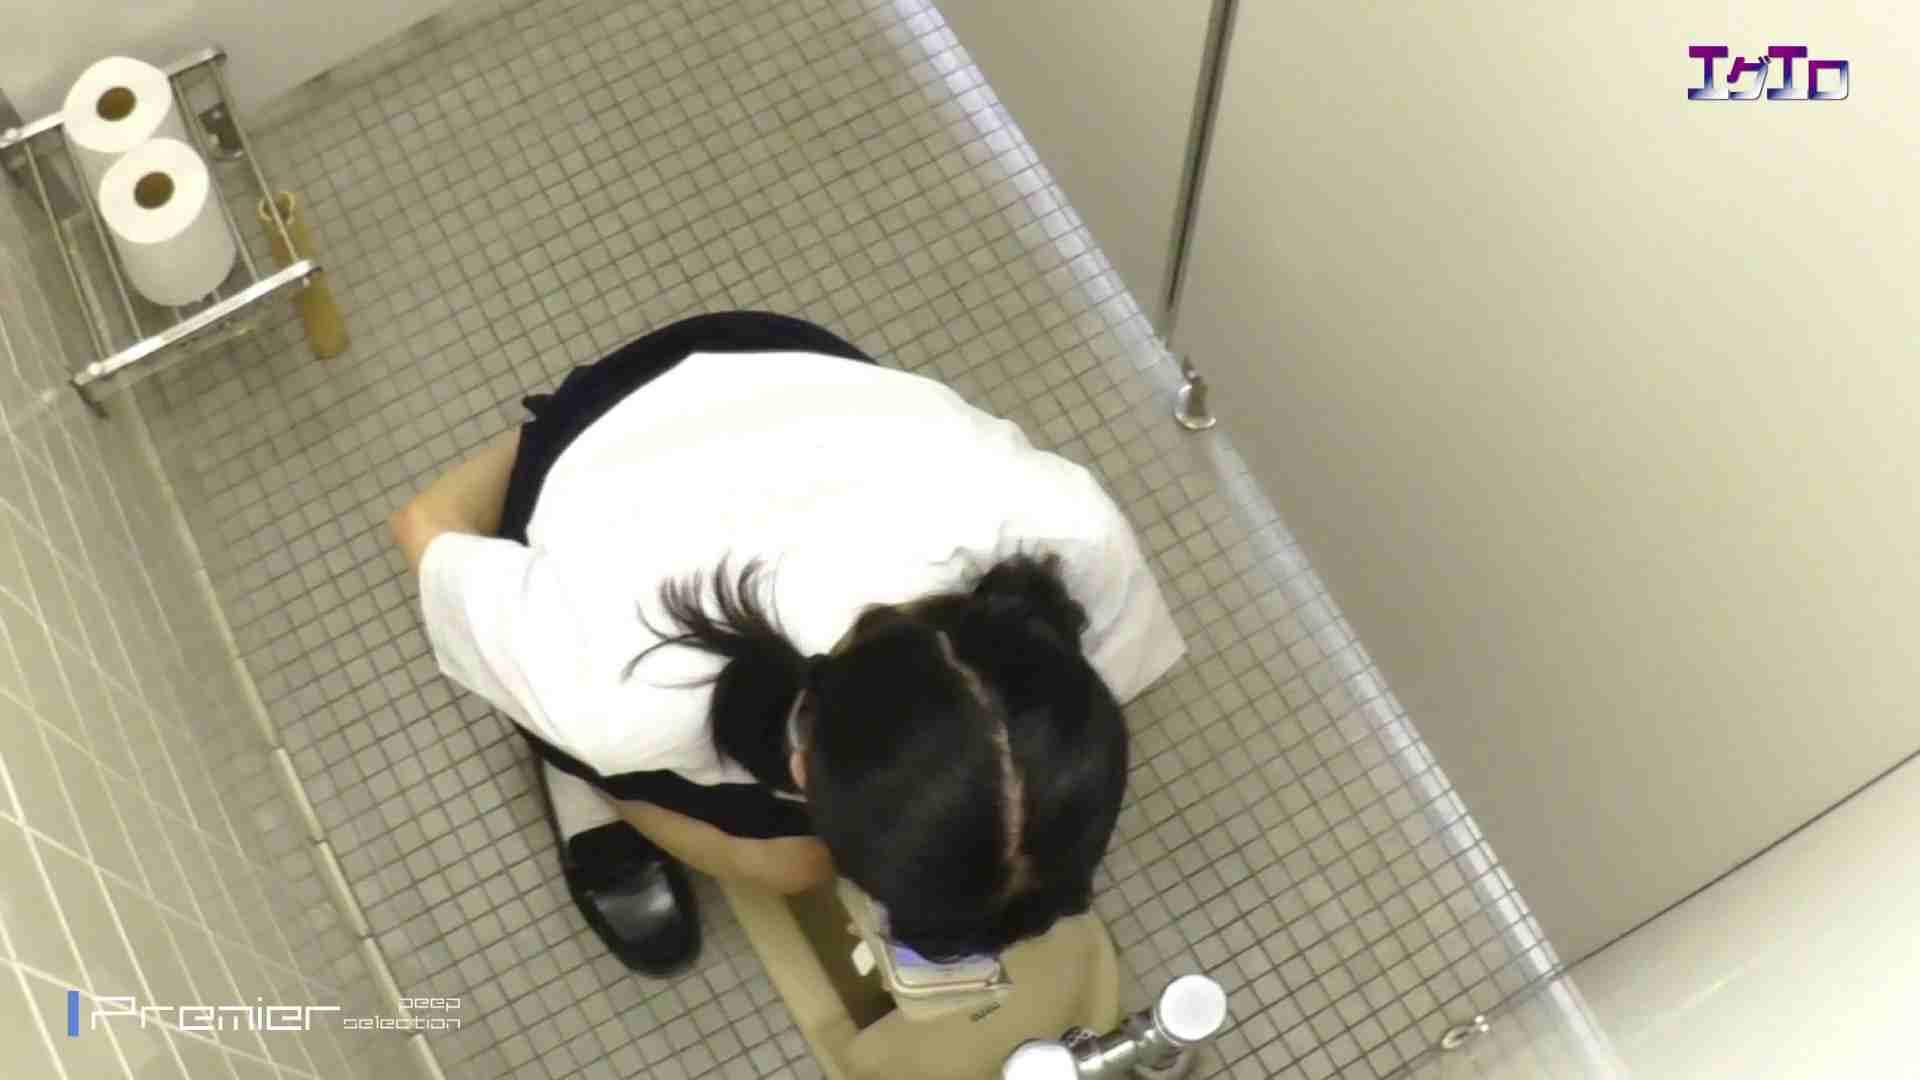 執念の撮影&追撮!!某女子校の通学路にあるトイレ 至近距離洗面所 Vol.16 リアルトイレ  101Pix 31